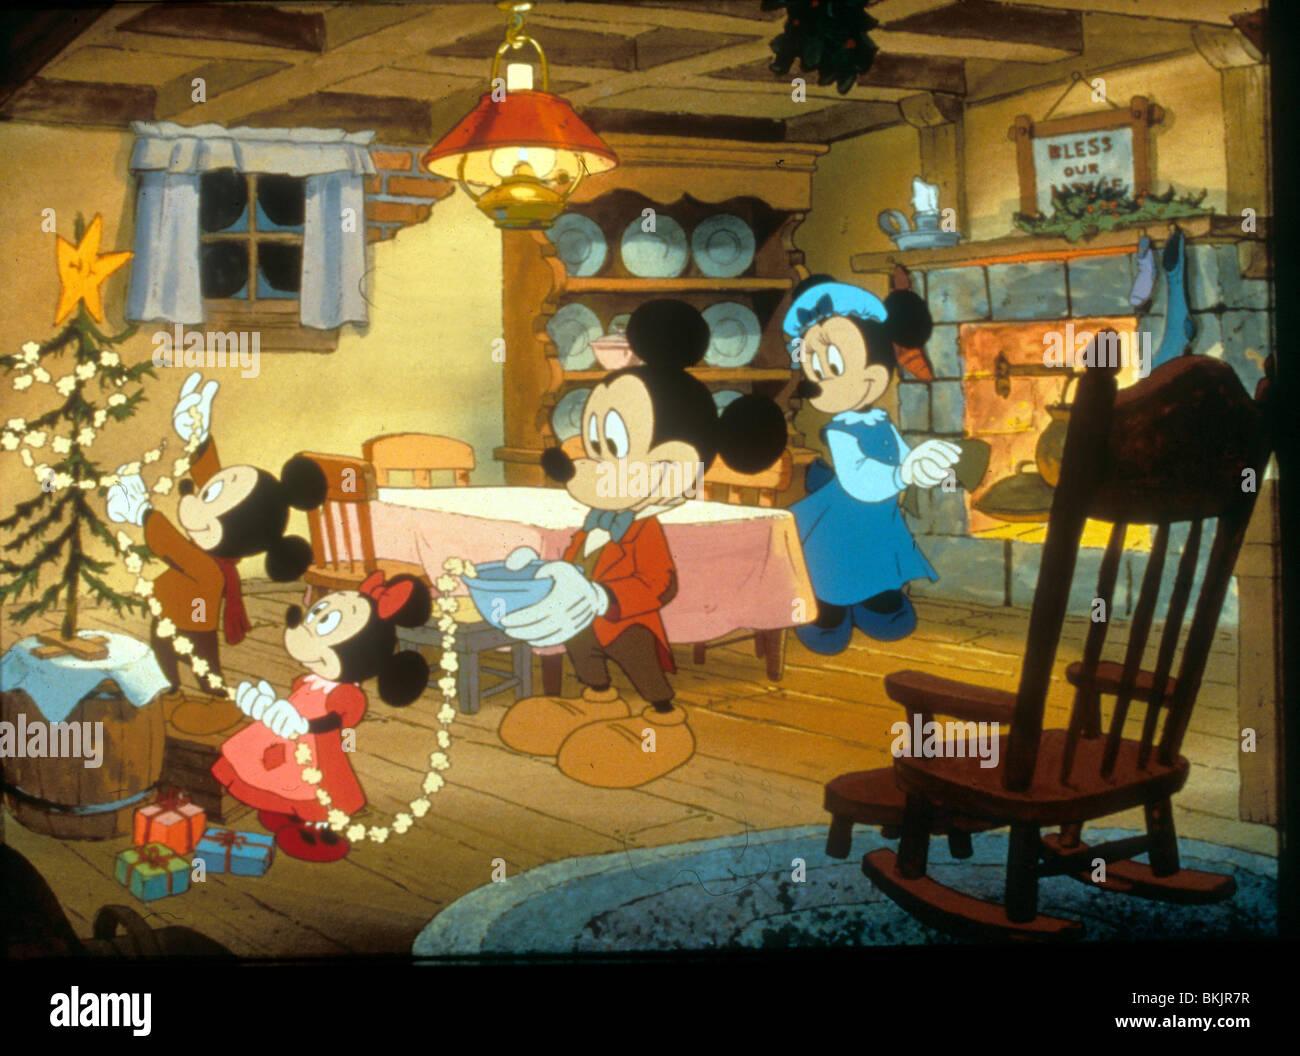 Mickeys Christmas Carol Minnie.Mickey S Christmas Carol 1983 Mickey Mouse Minnie Mouse